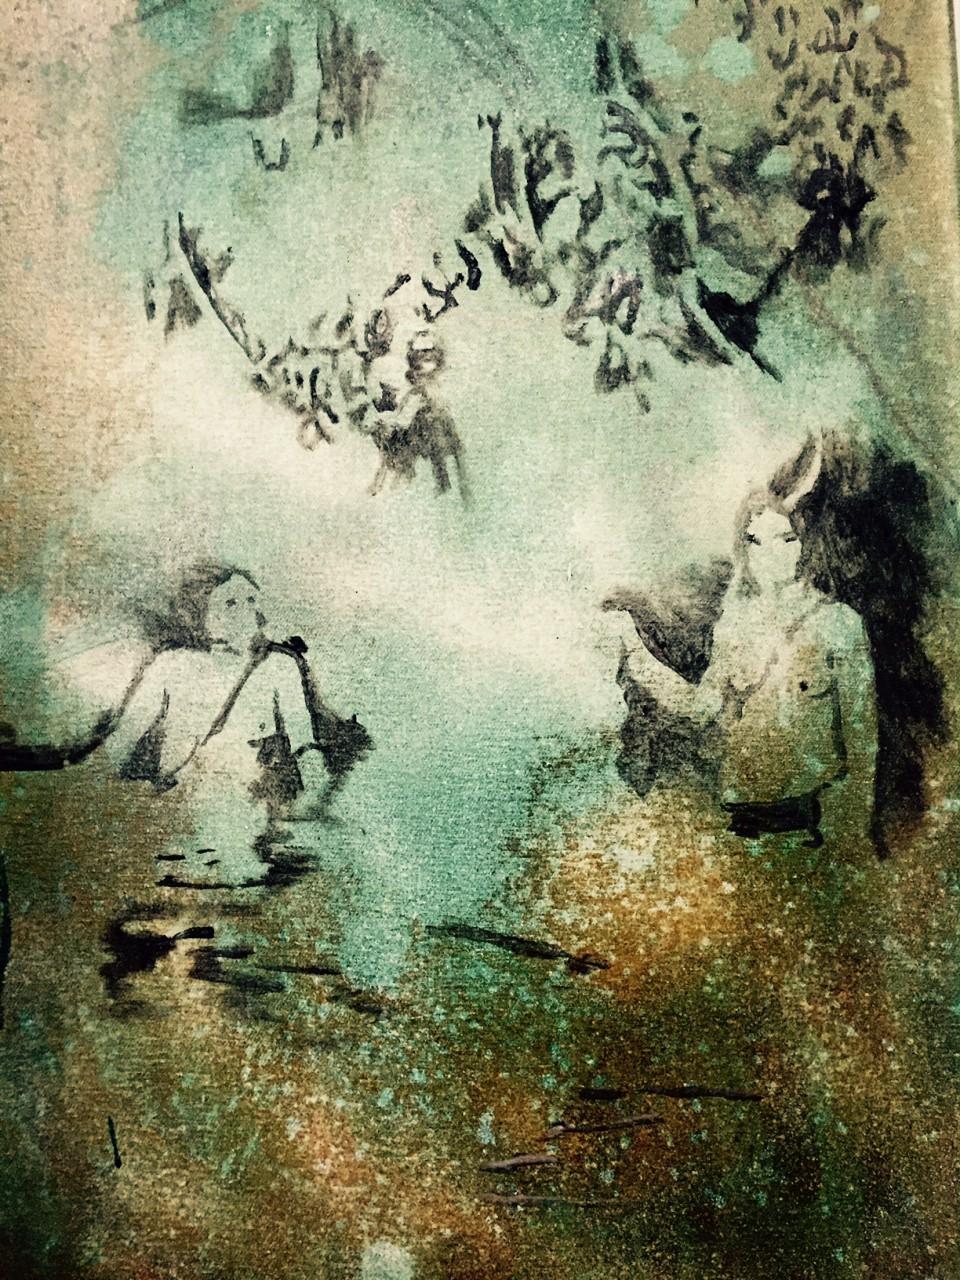 GOLDFISCH UNTERM WASSER image